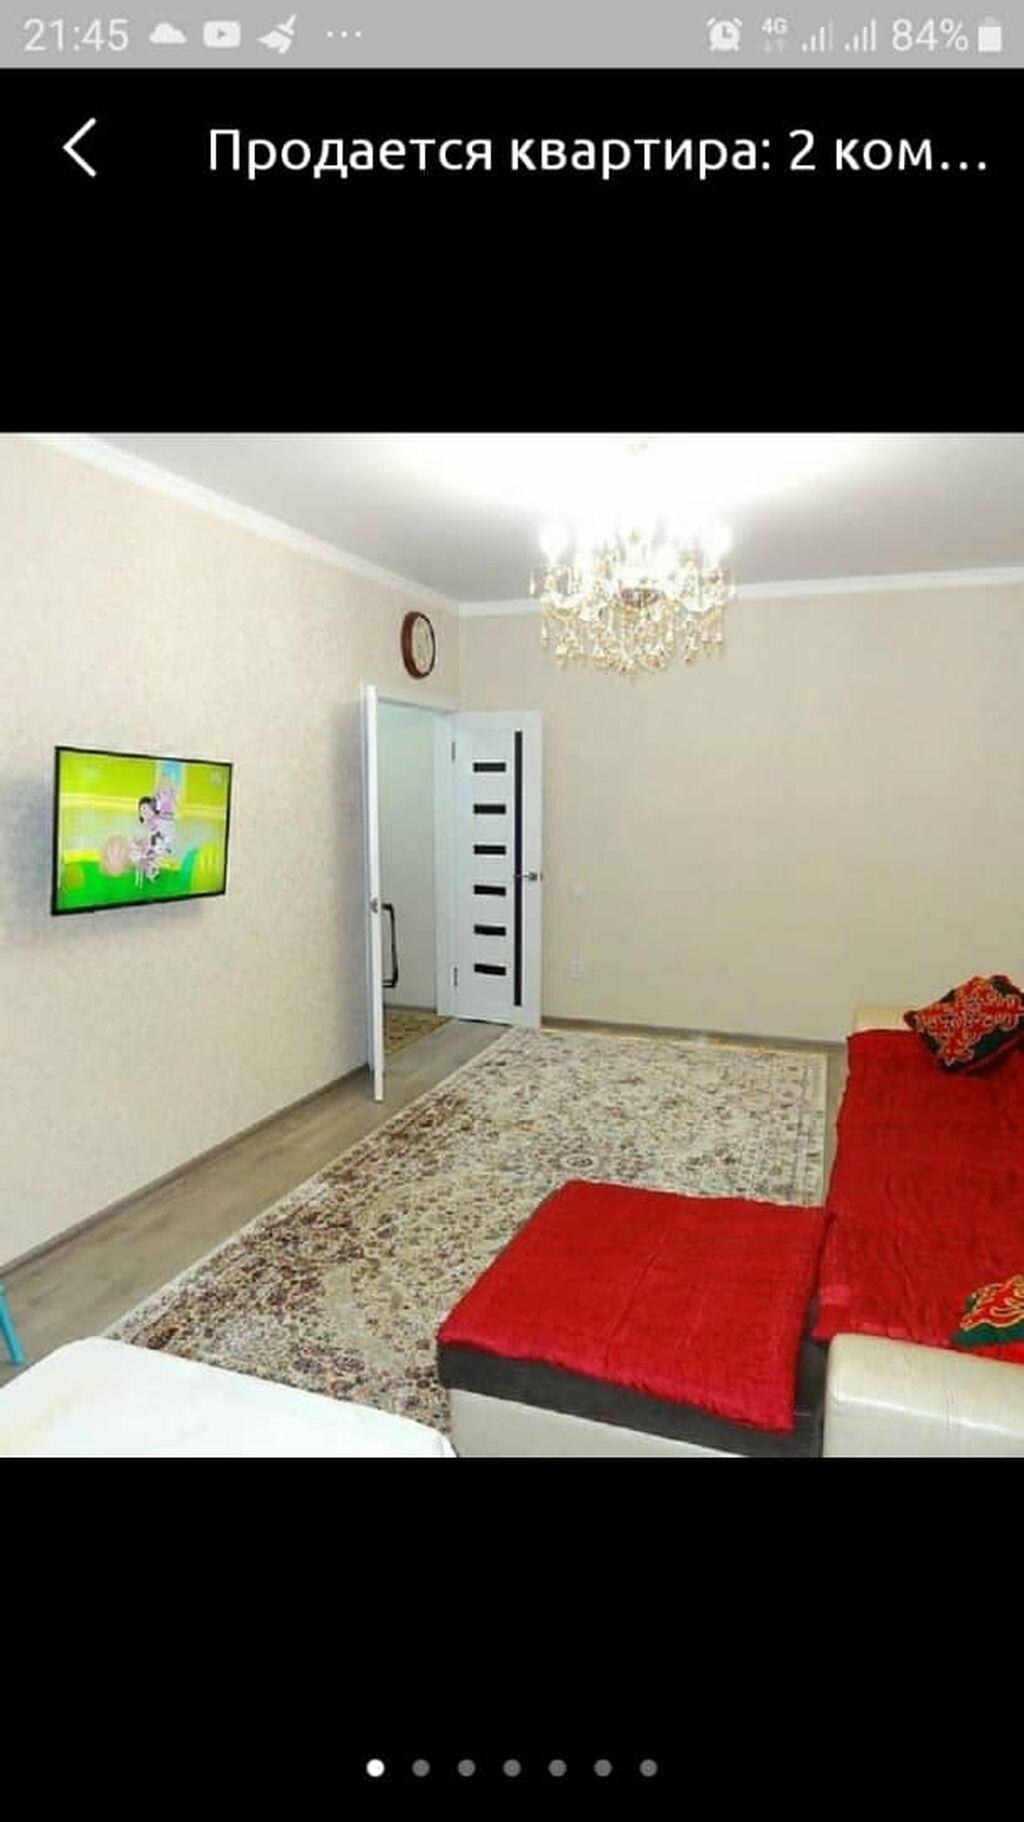 Продается квартира: 106 серия улучшенная, Мкр. Улан, 1 комната, 45 кв. м: Продается квартира: 106 серия улучшенная, Мкр. Улан, 1 комната, 45 кв. м